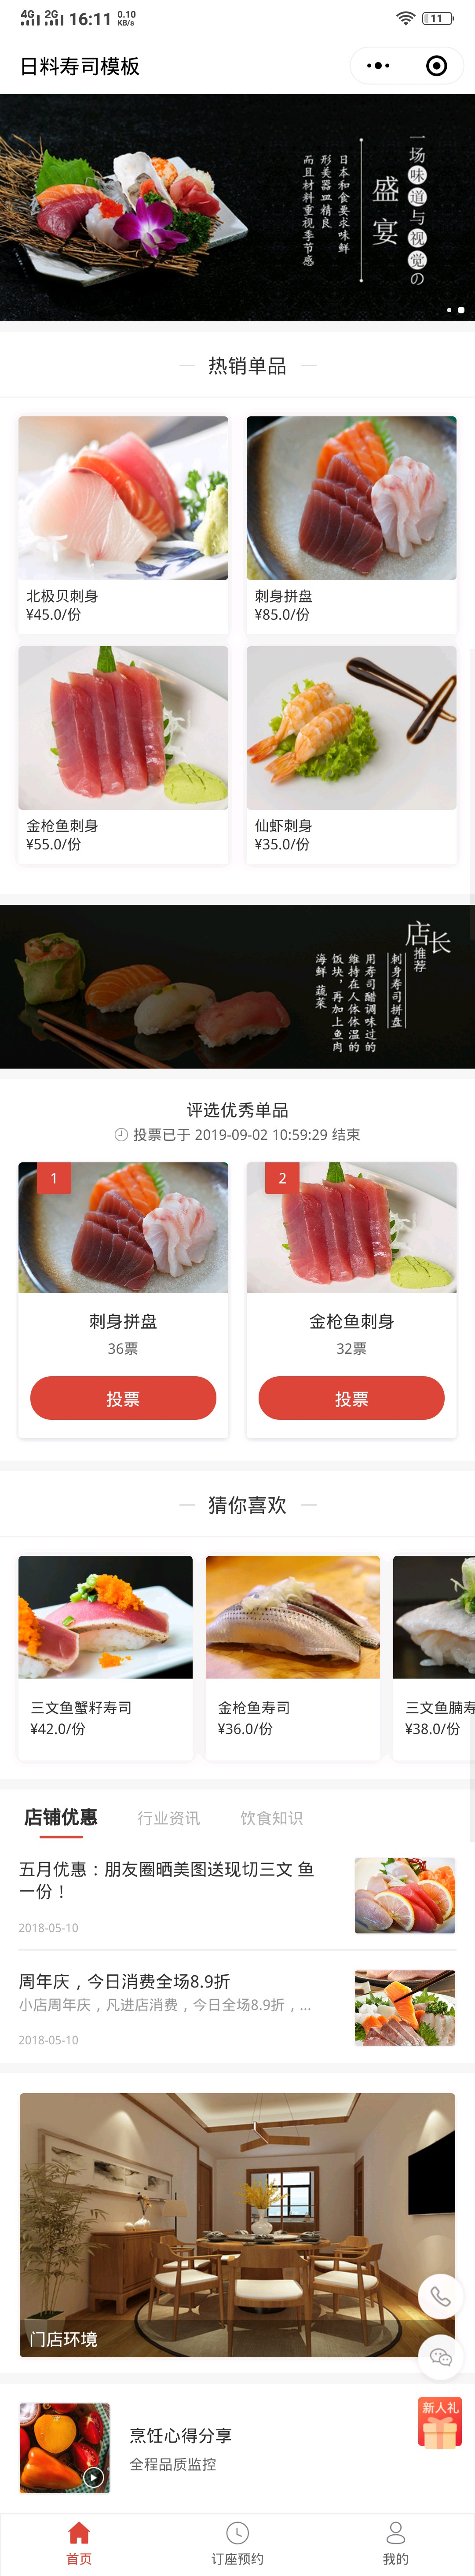 寿司小程序